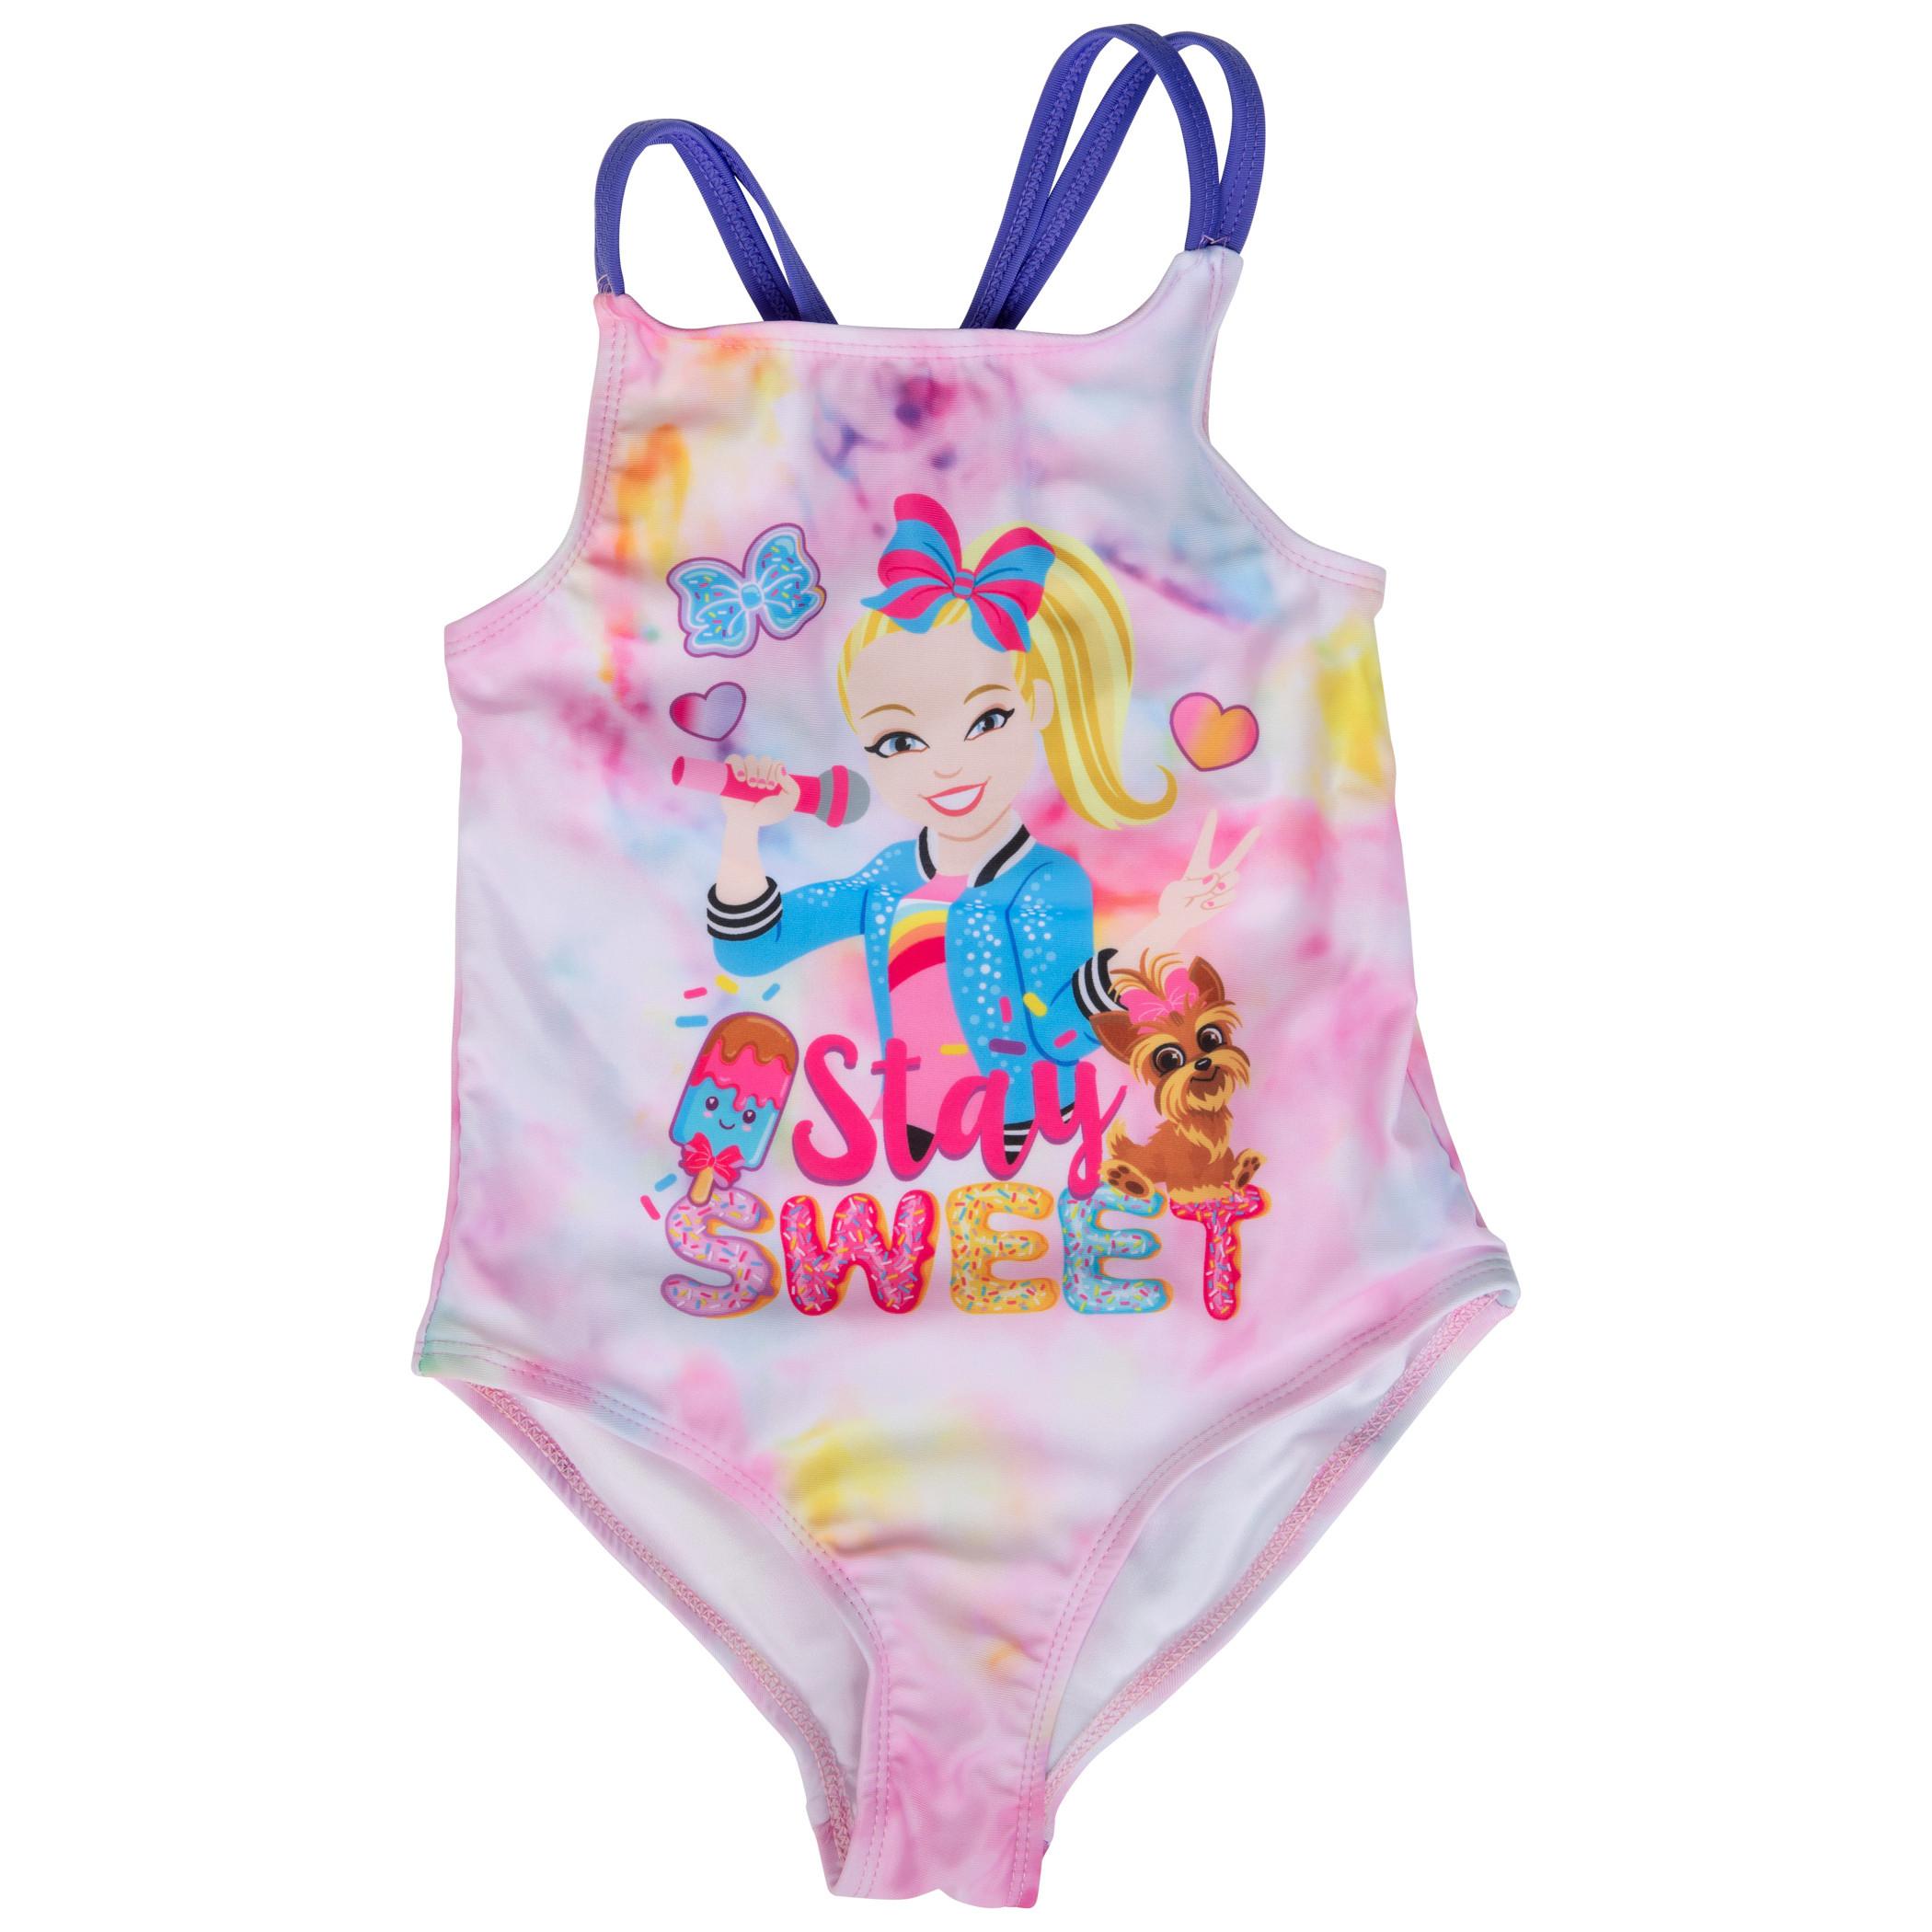 Jojo Siwa Stay Sweet One Piece Girls Youth Swimsuit